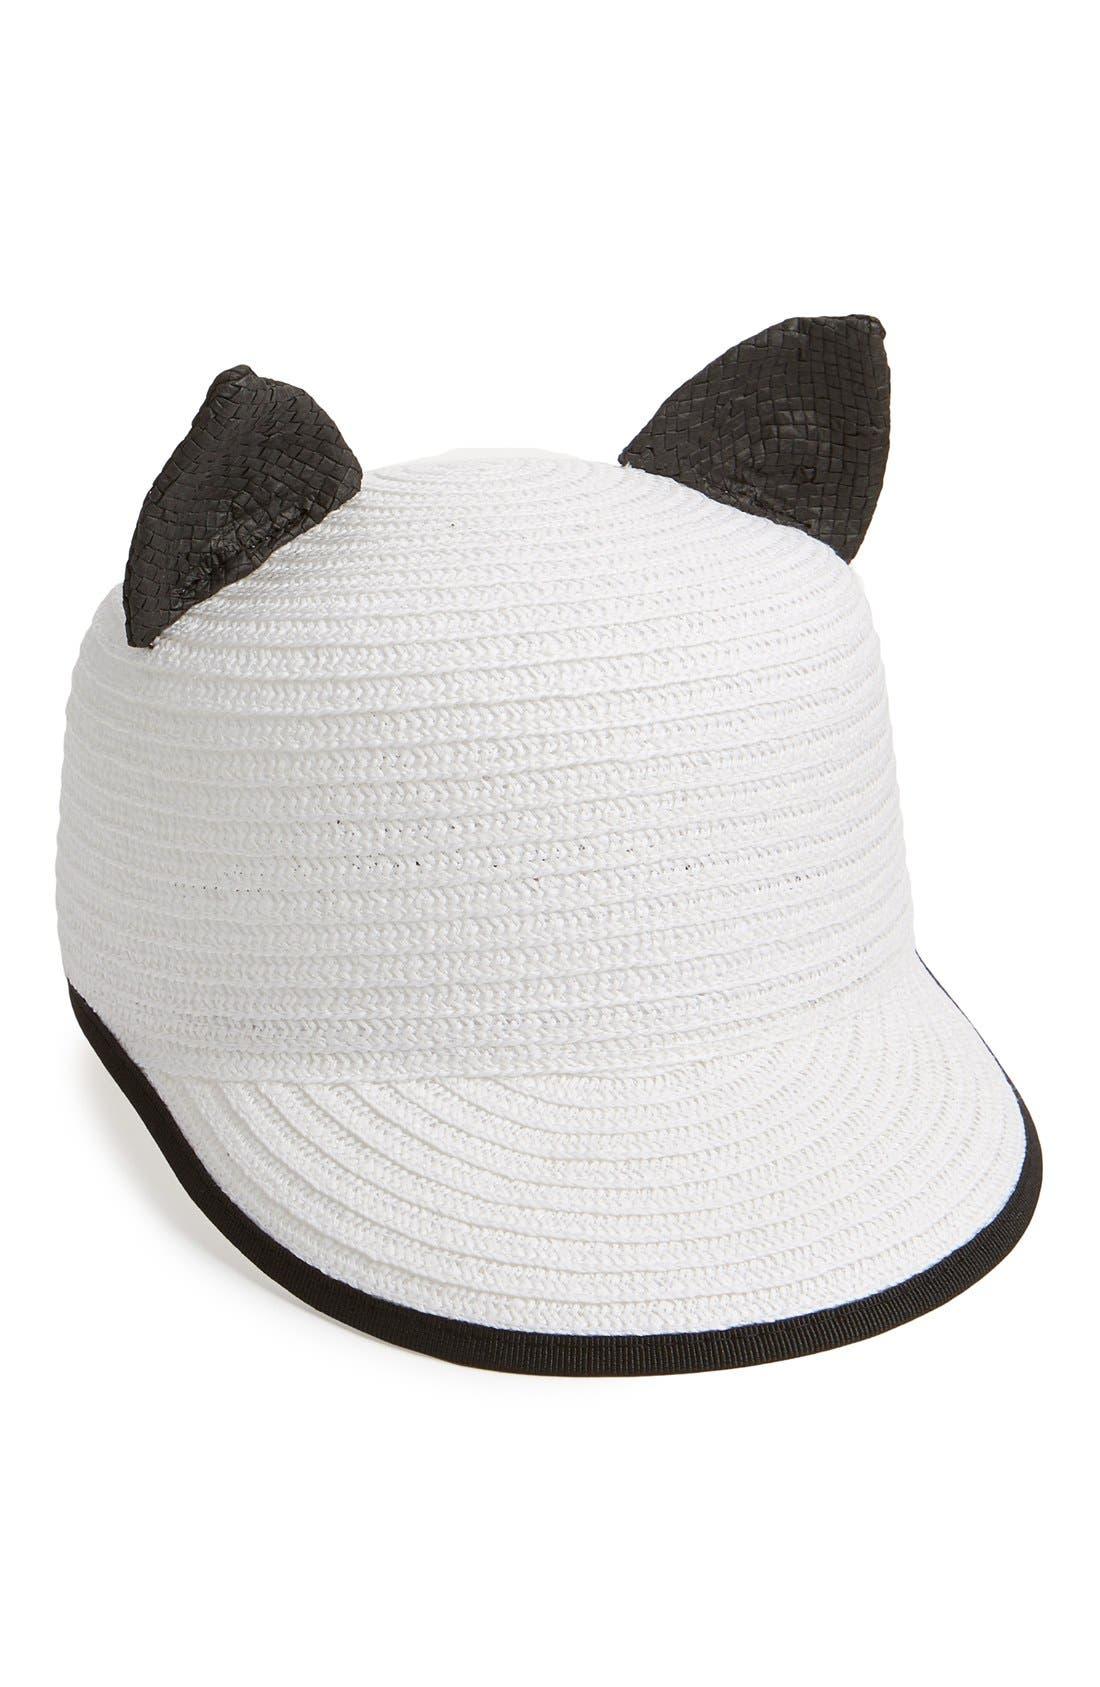 Main Image - Helene Berman 'Contrast Cat' Baseball Cap